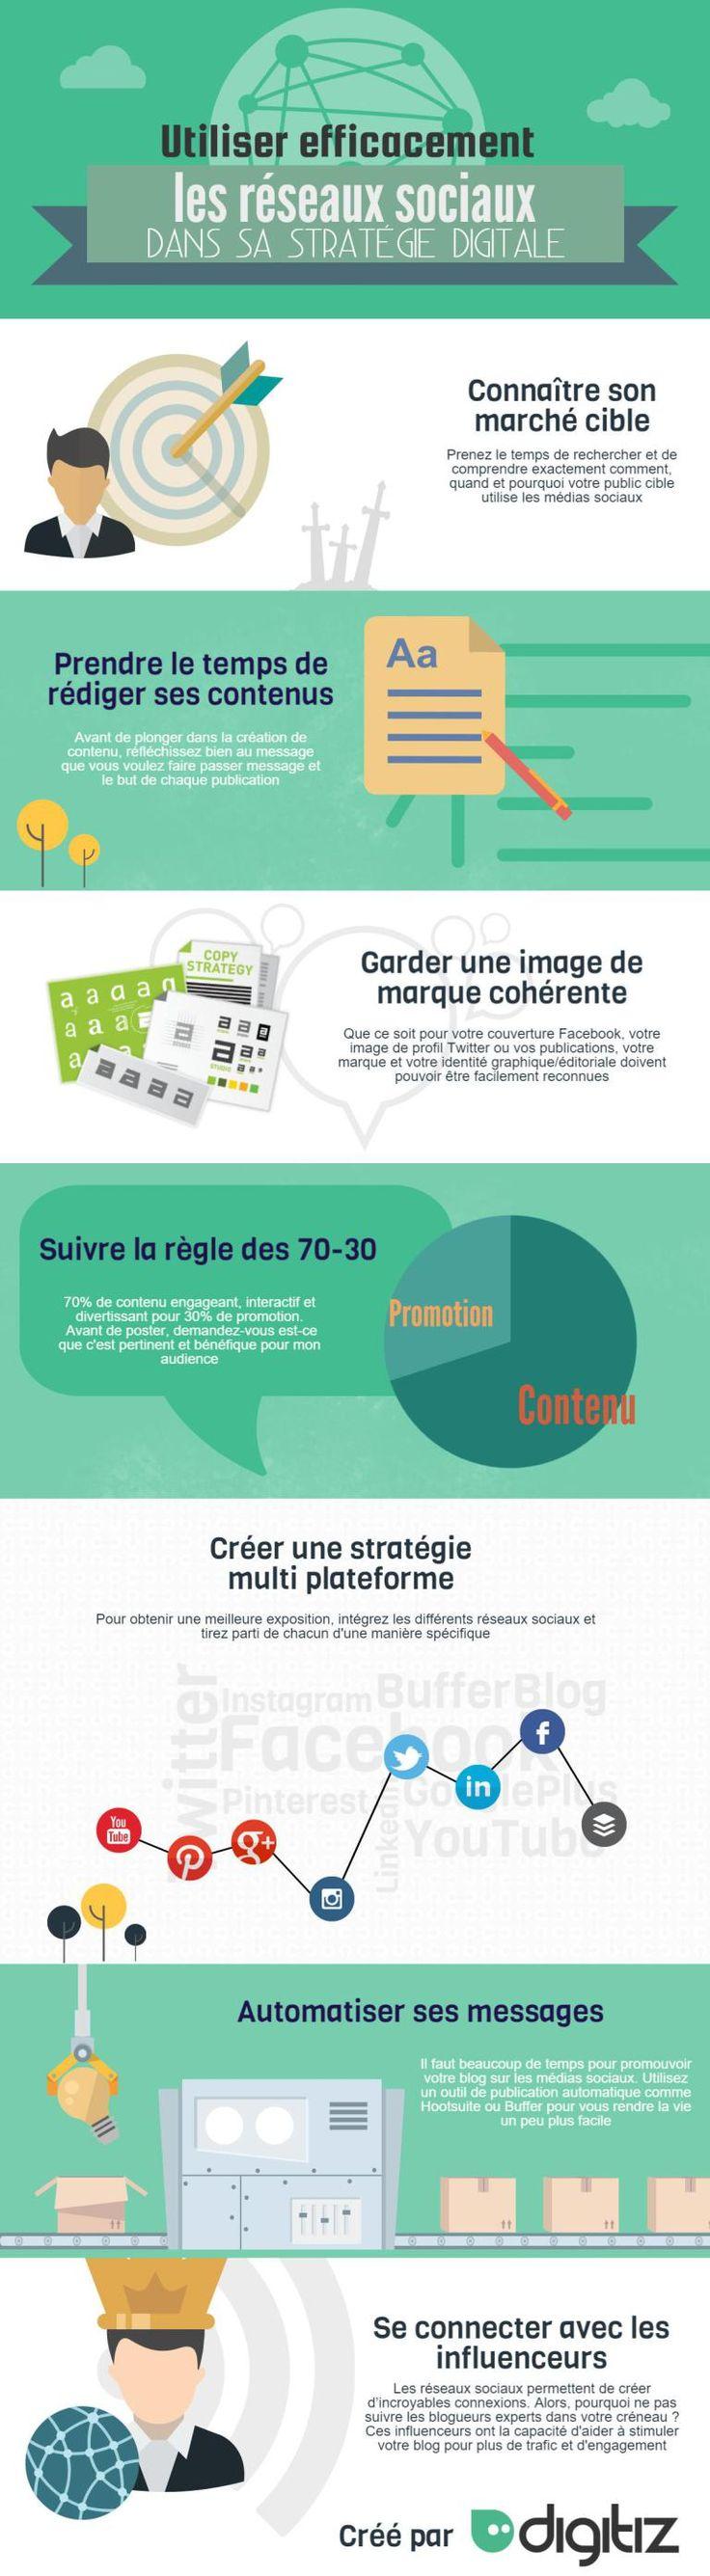 La stratégie digitale sur les réseaux sociaux : une infographie pour résumer les points essentiels #infographie #stratégiedigitale #réseauxsociaux #digital